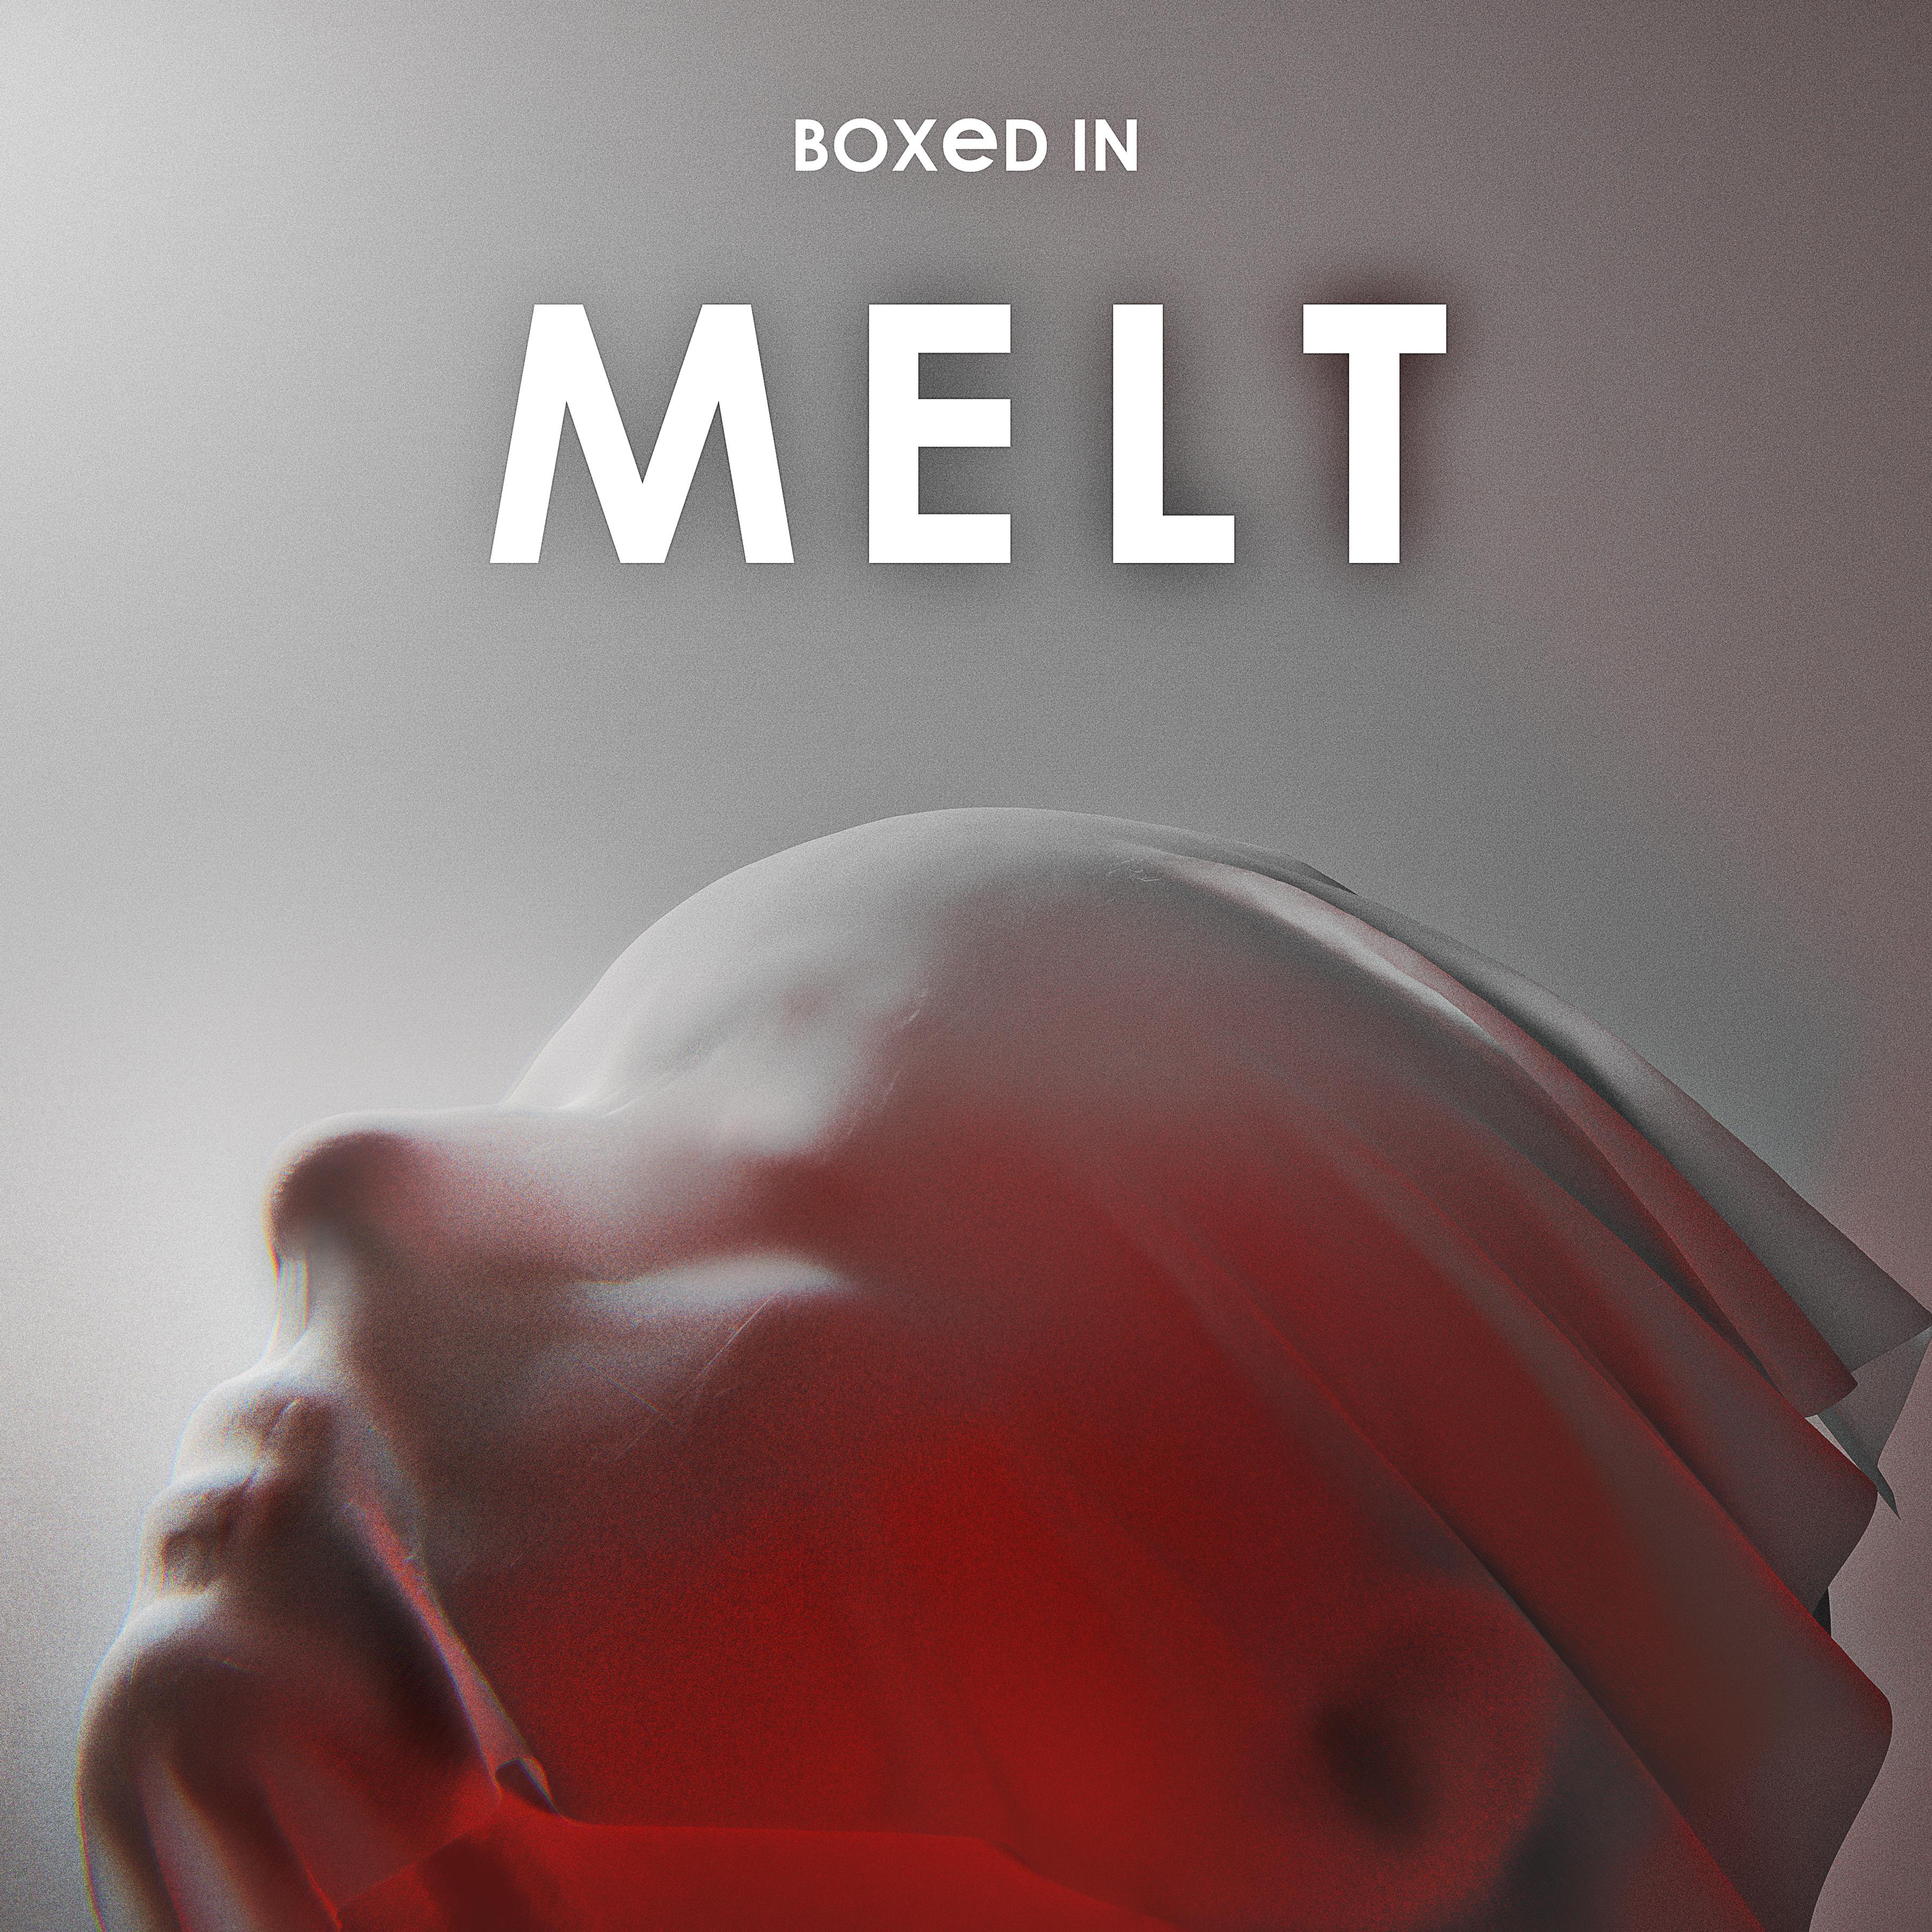 boxedin_melt_3600